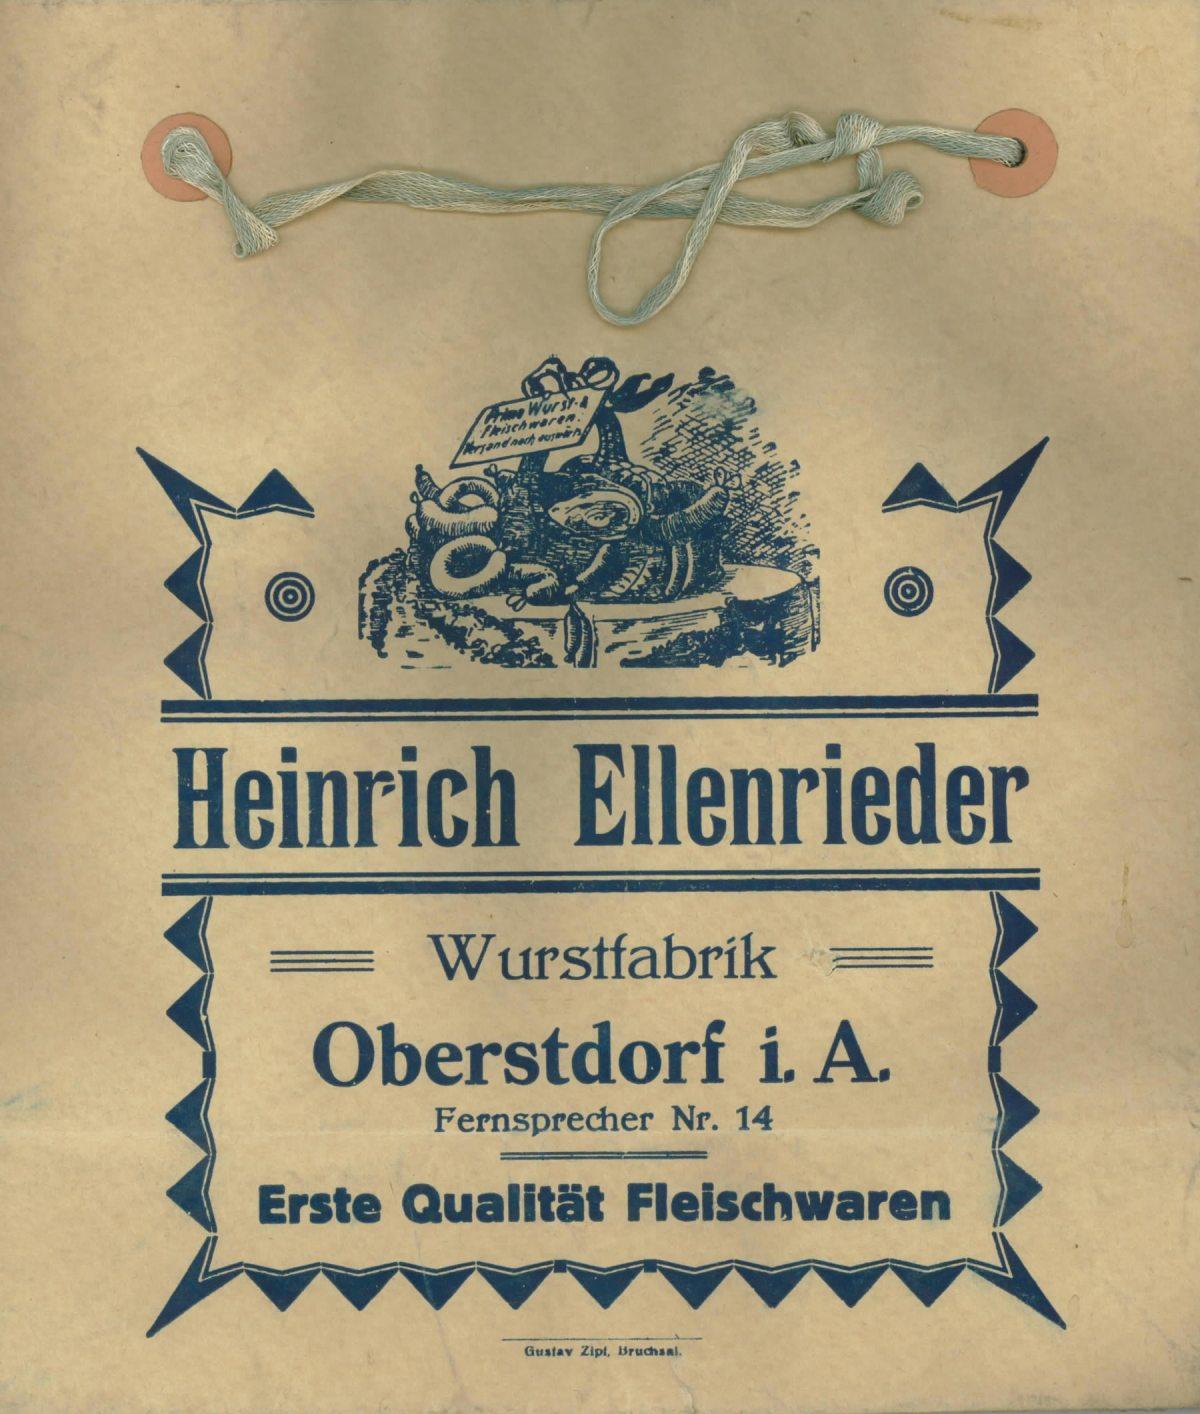 Einkaufstüte: Heinrich Ellenrieder (Wurstfabrik)